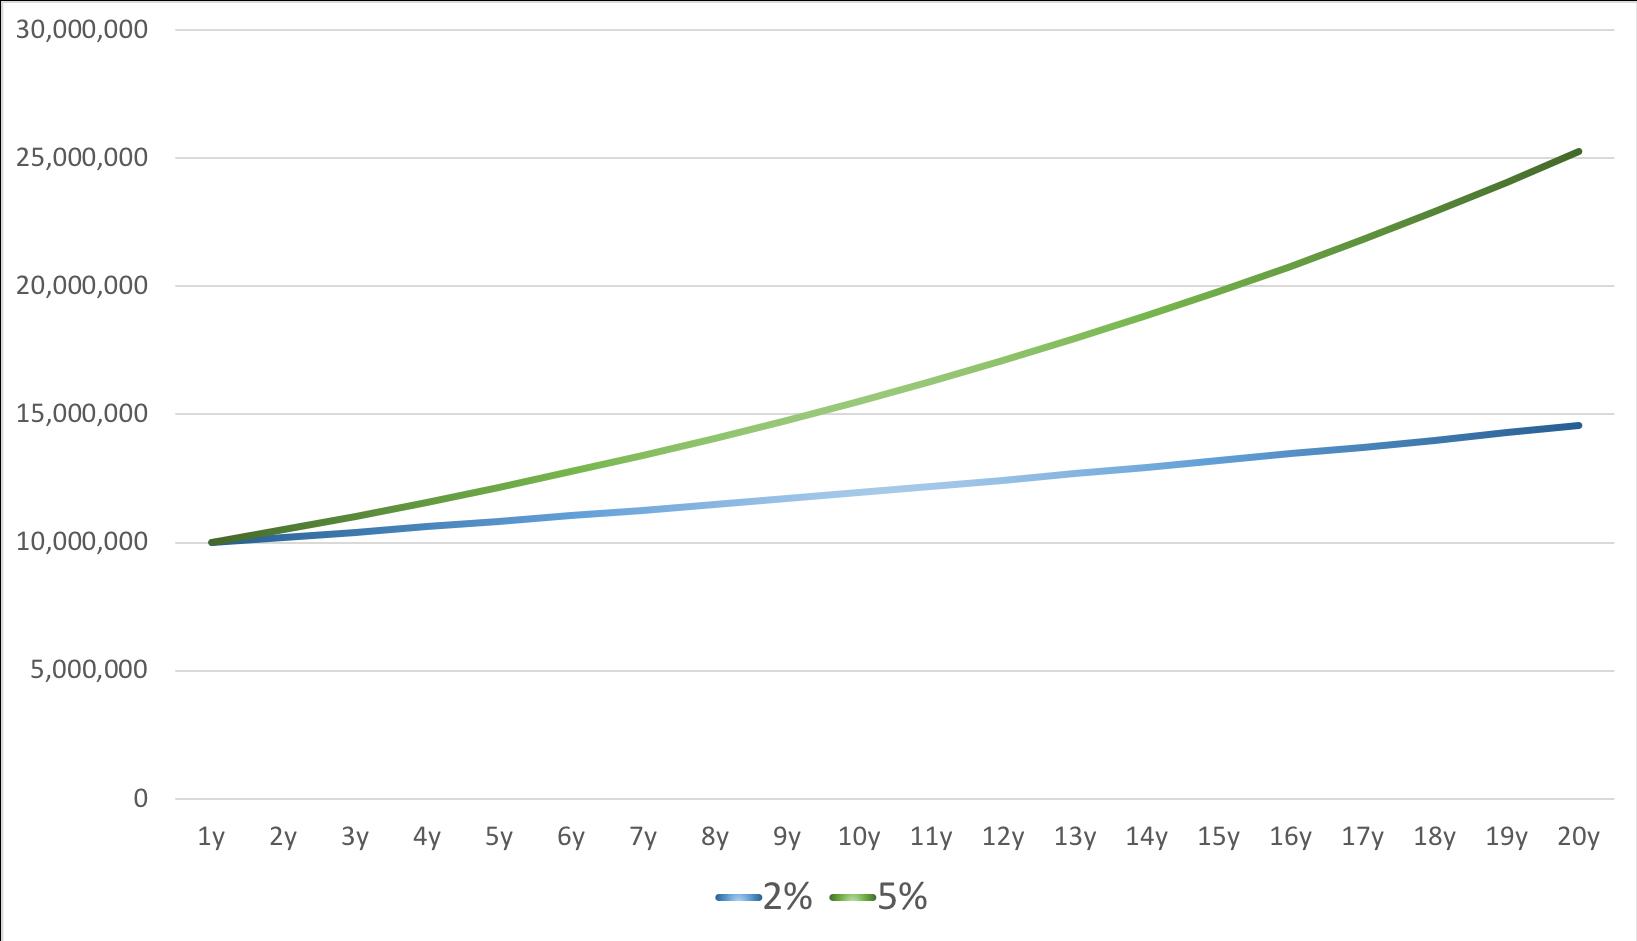 複利(2%と5%の差)